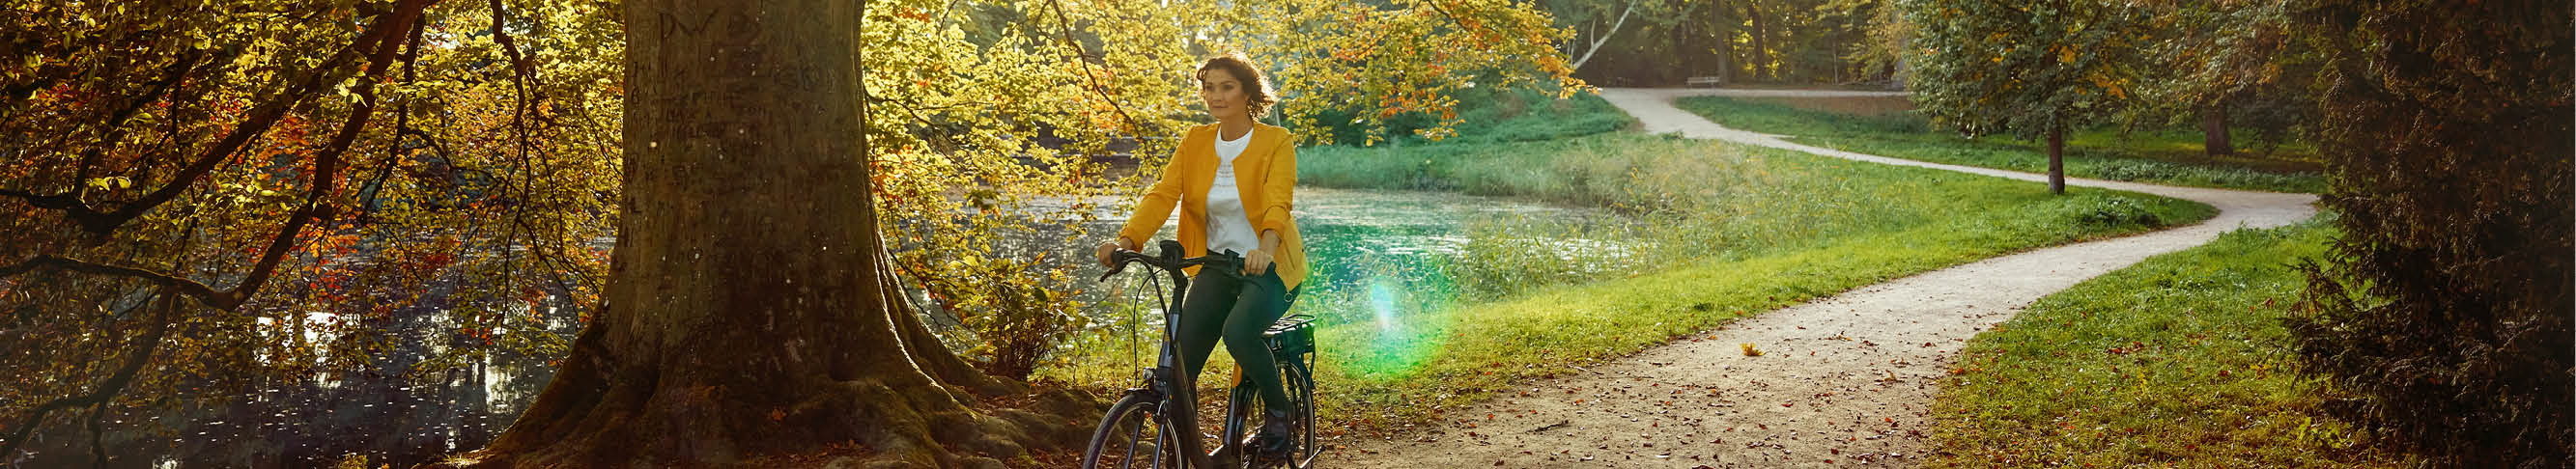 Vrouw rijdt op Koga e-bike door het bos